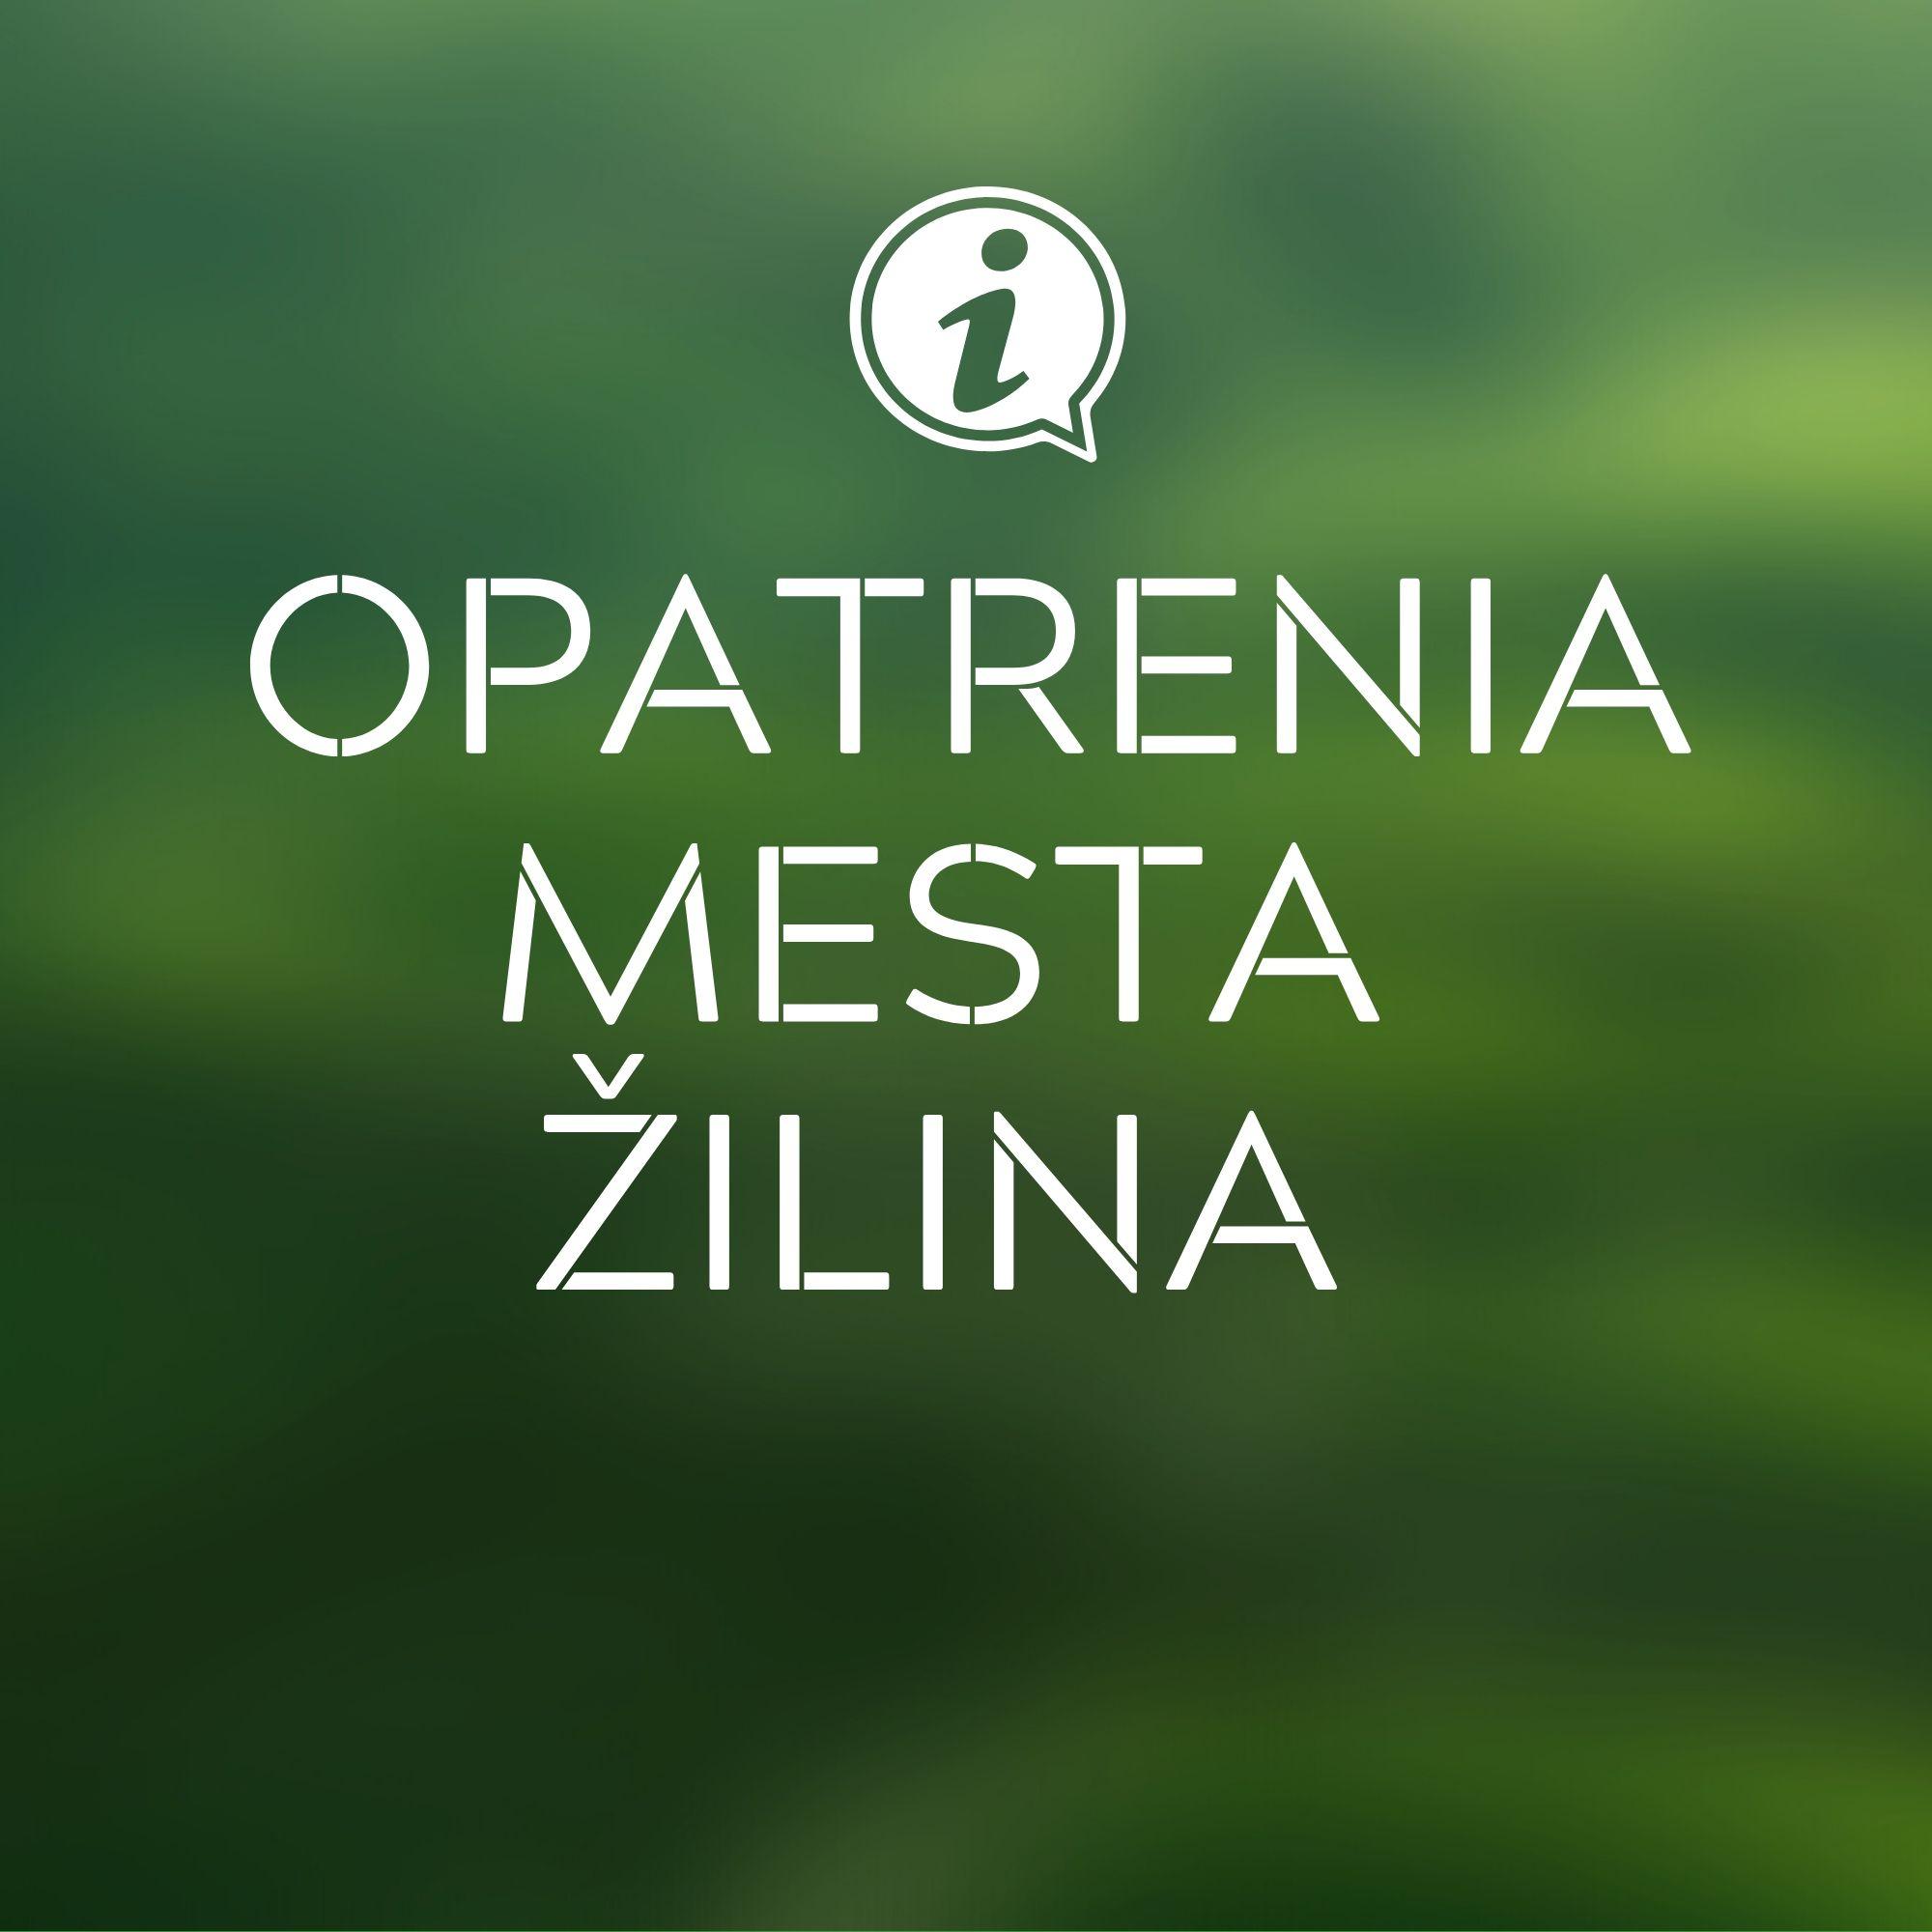 Opatrenia mesta Žilina